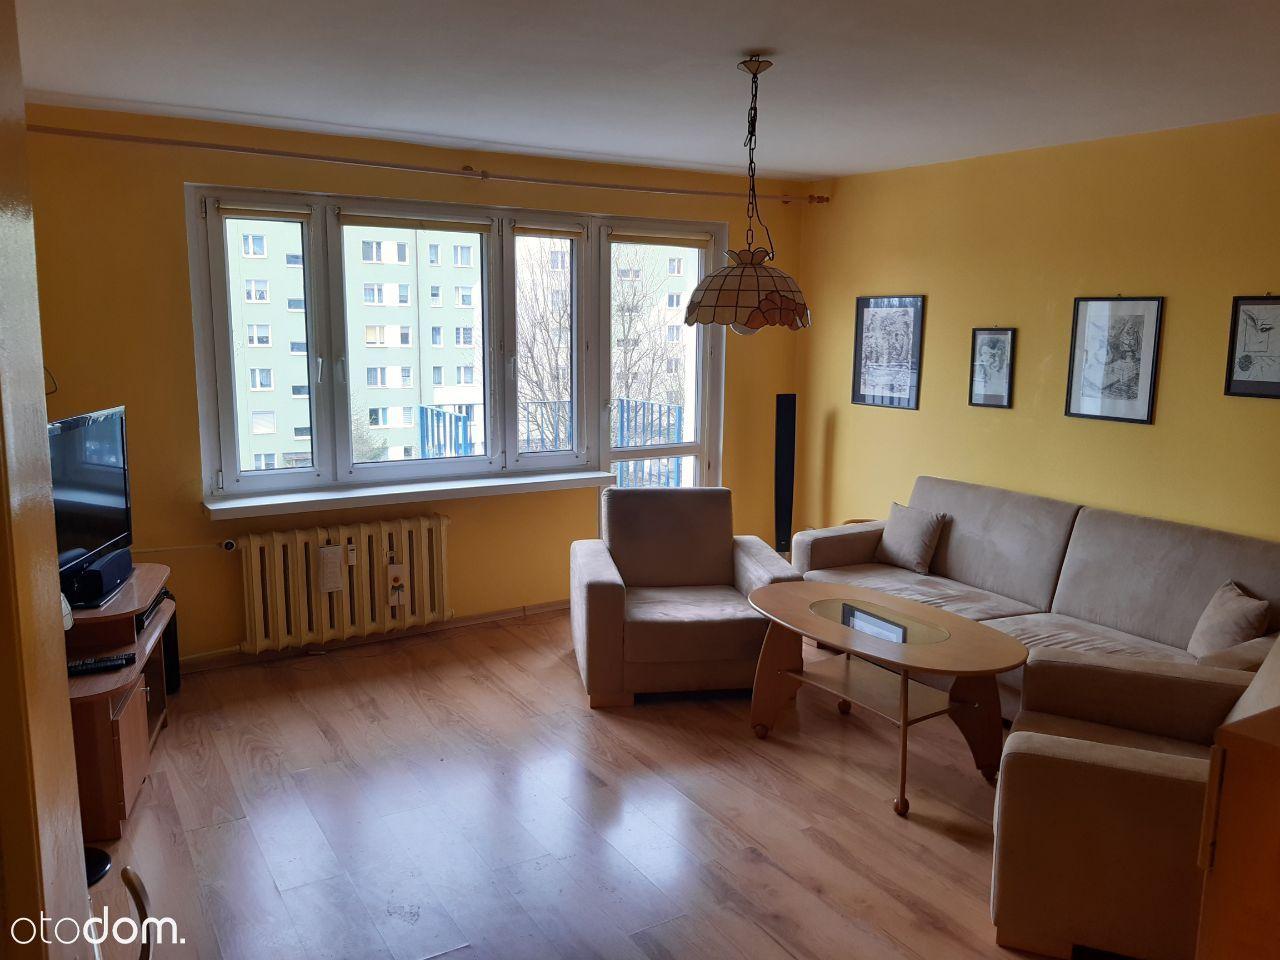 Mieszkanie,52,5 m,Gorzów Wielkopolski REZERWACJA